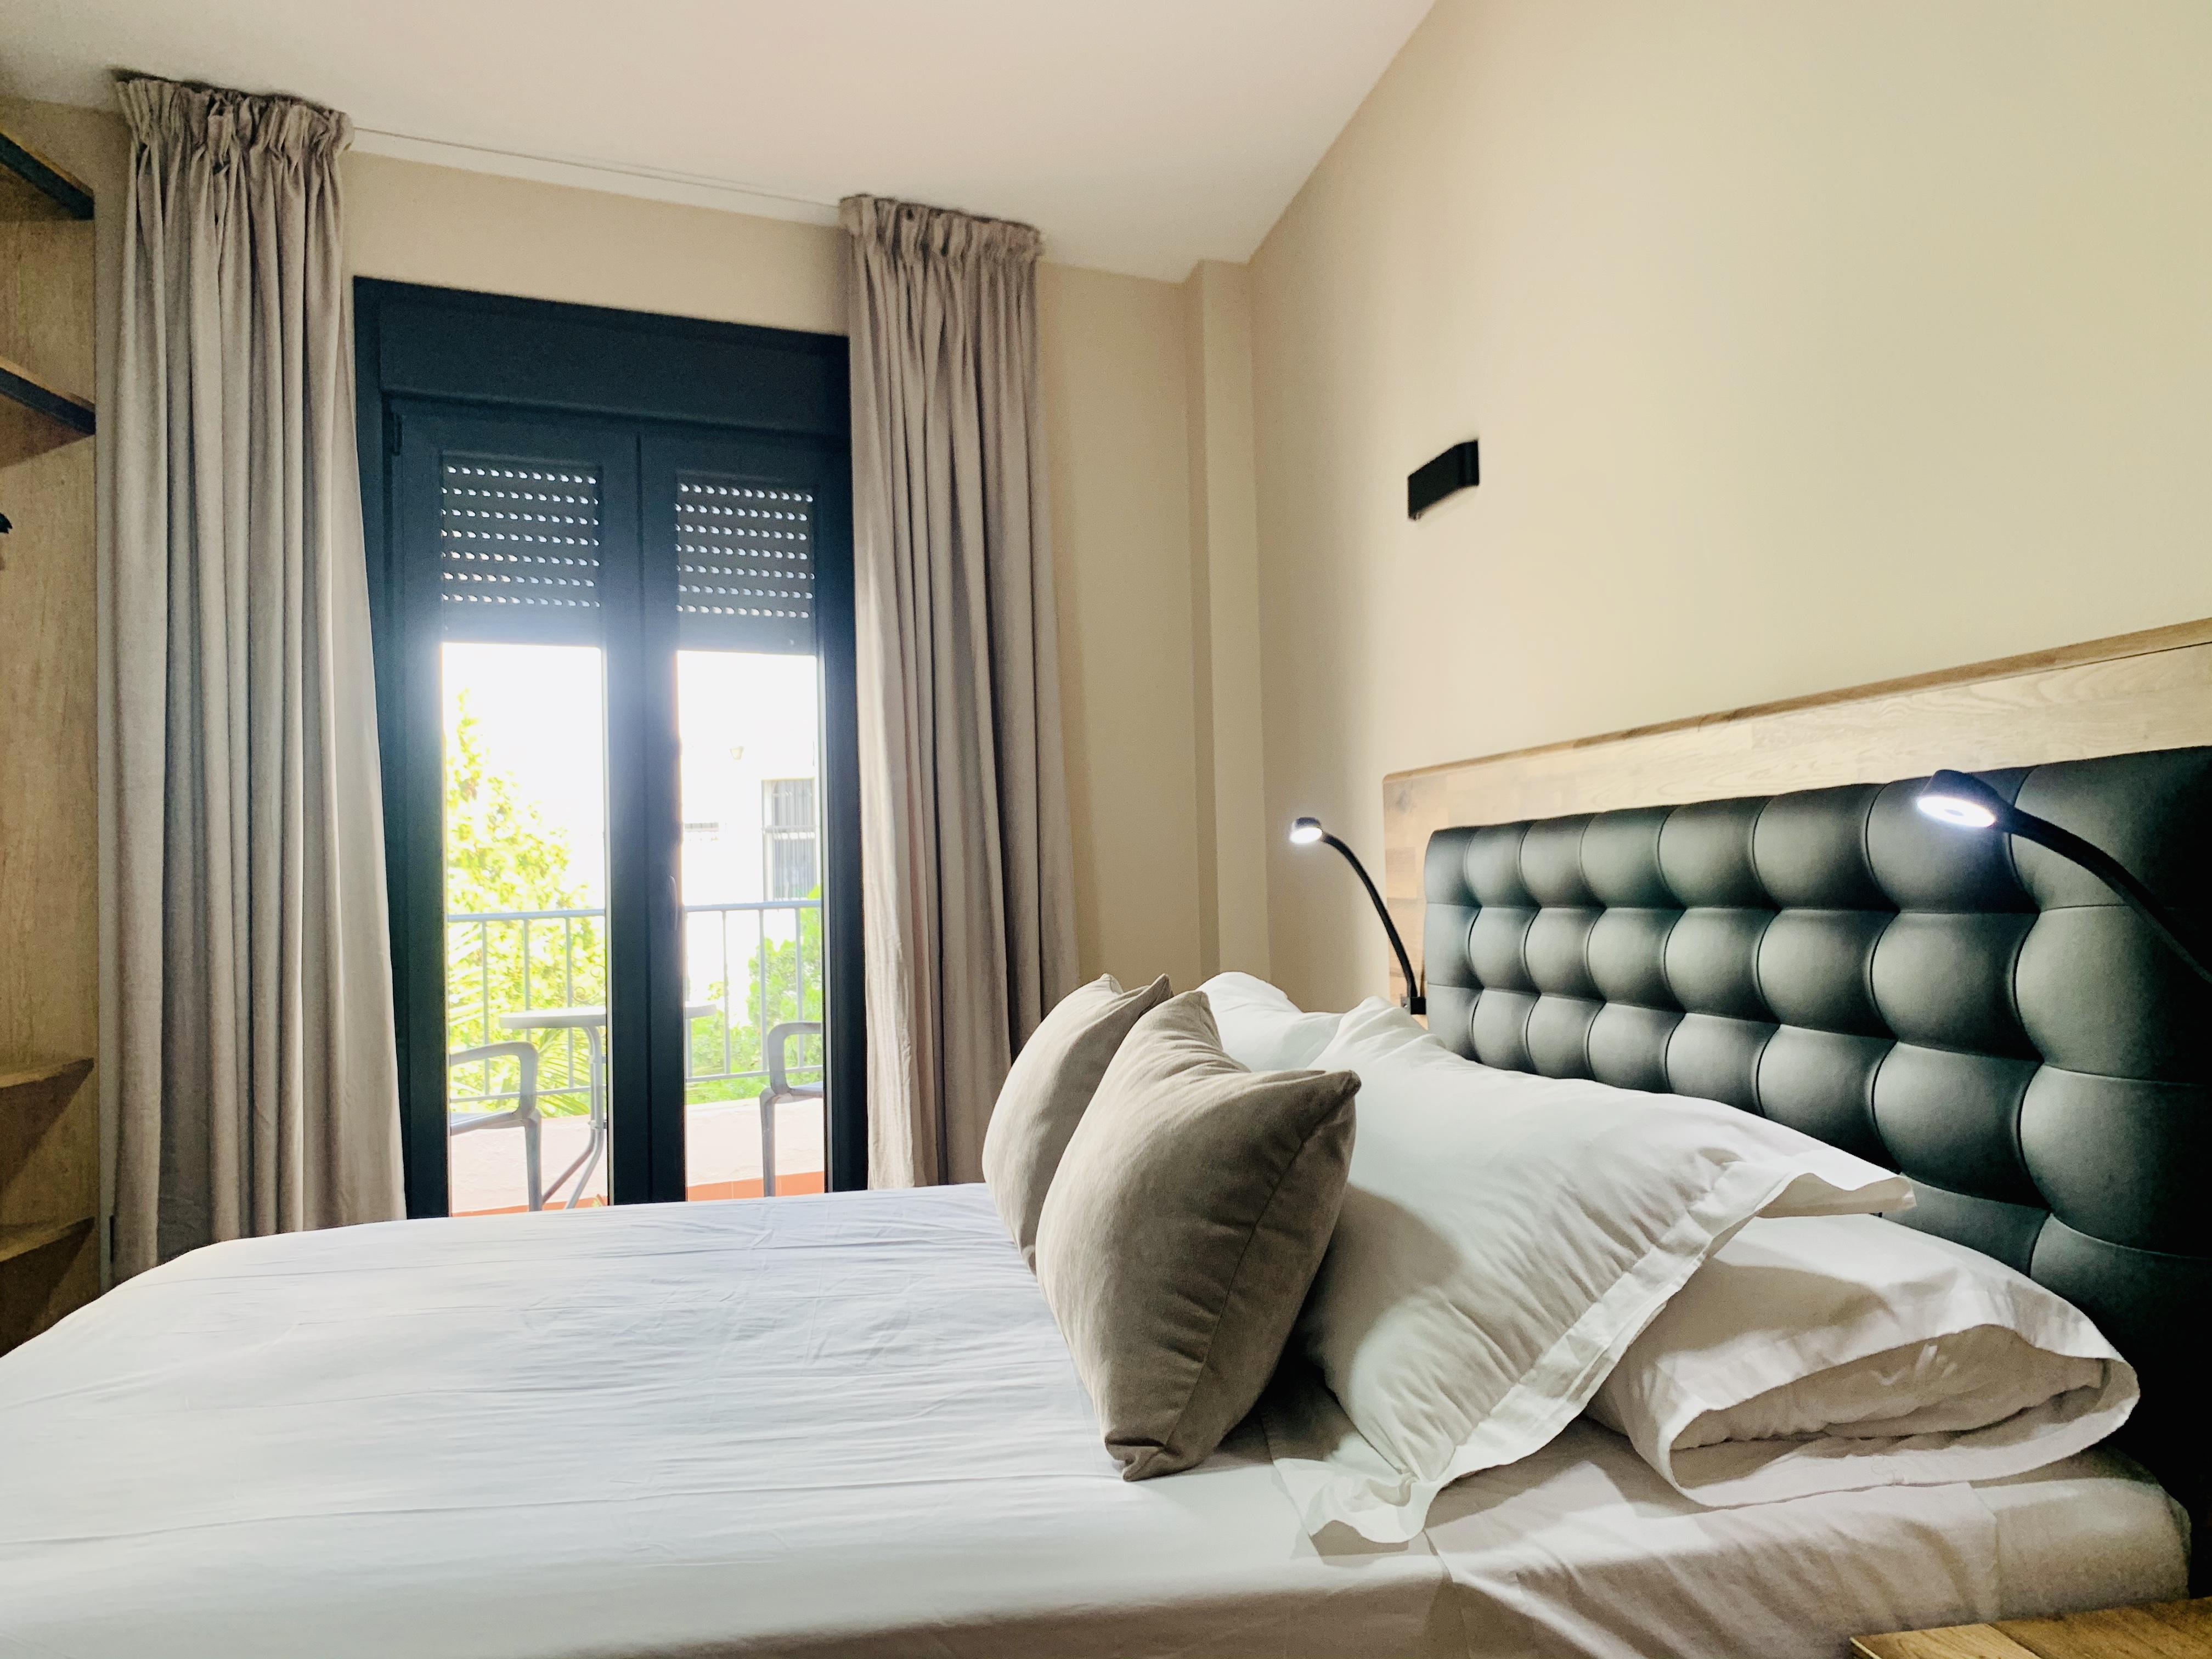 Vivienda Turística Nerja Rooms